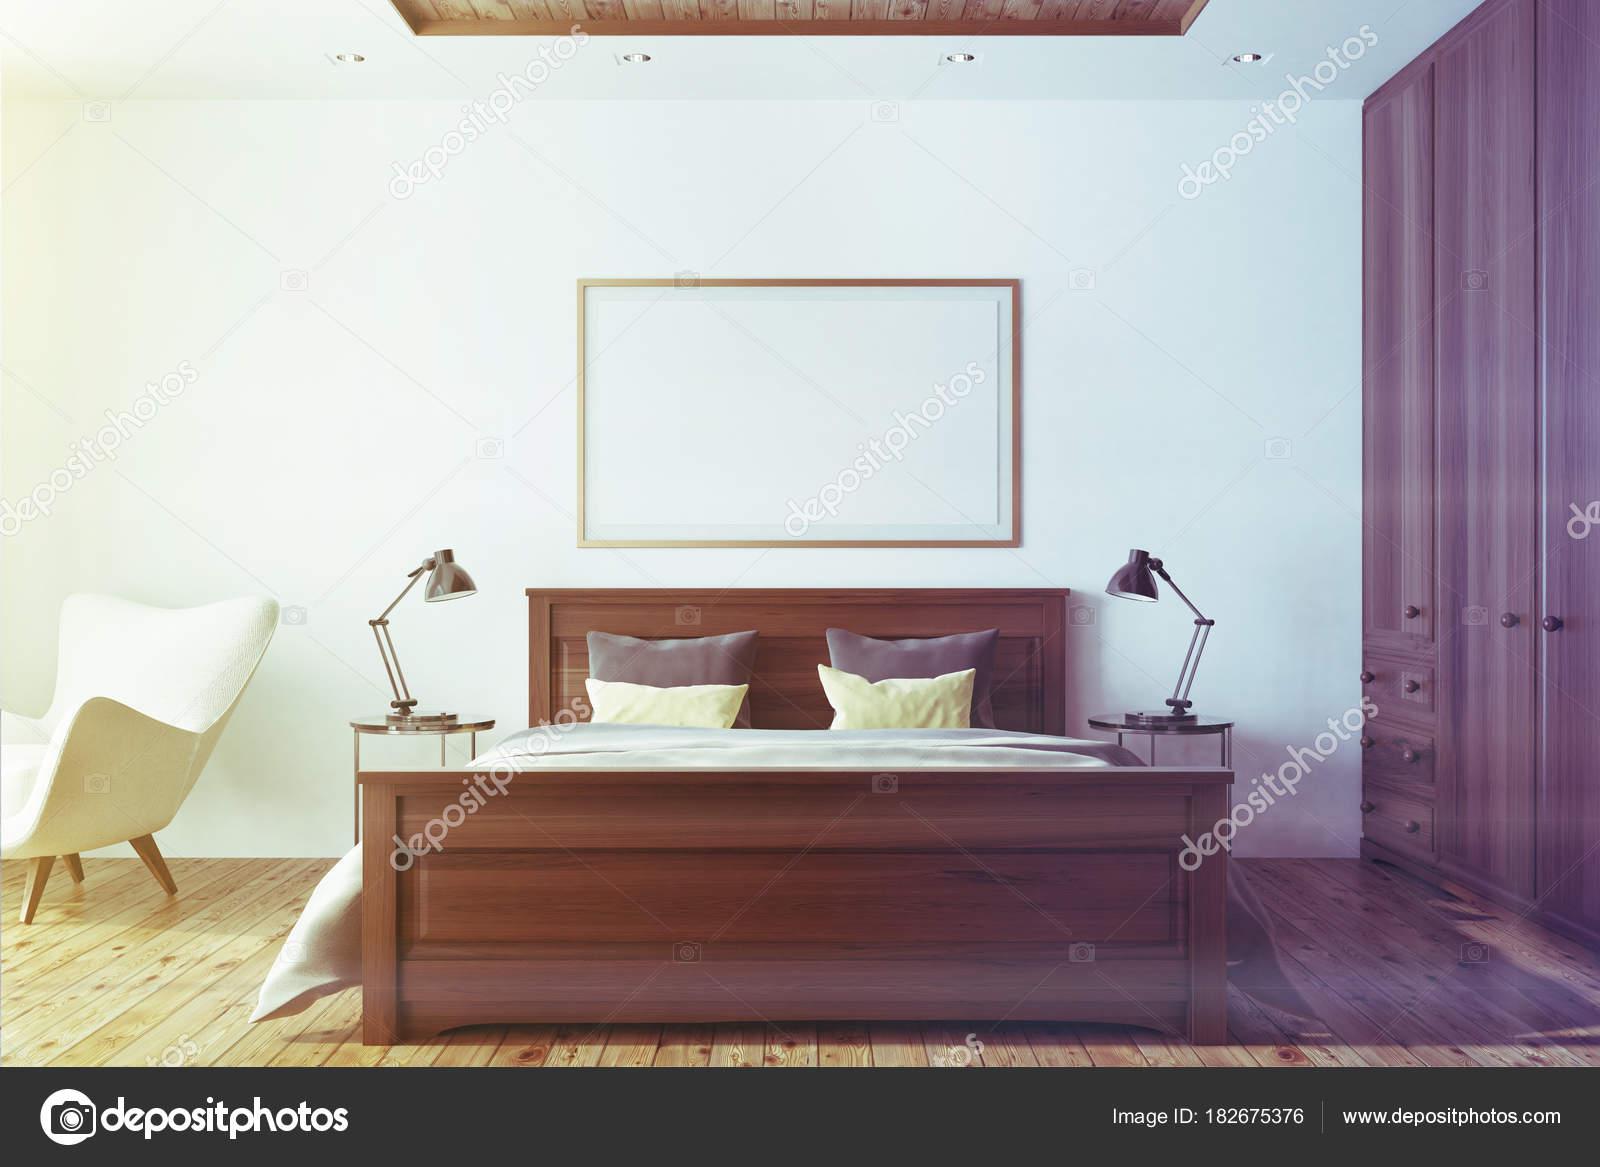 Grijs Wit Slaapkamer : Wit slaapkamer interieur met poster toned u2014 stockfoto